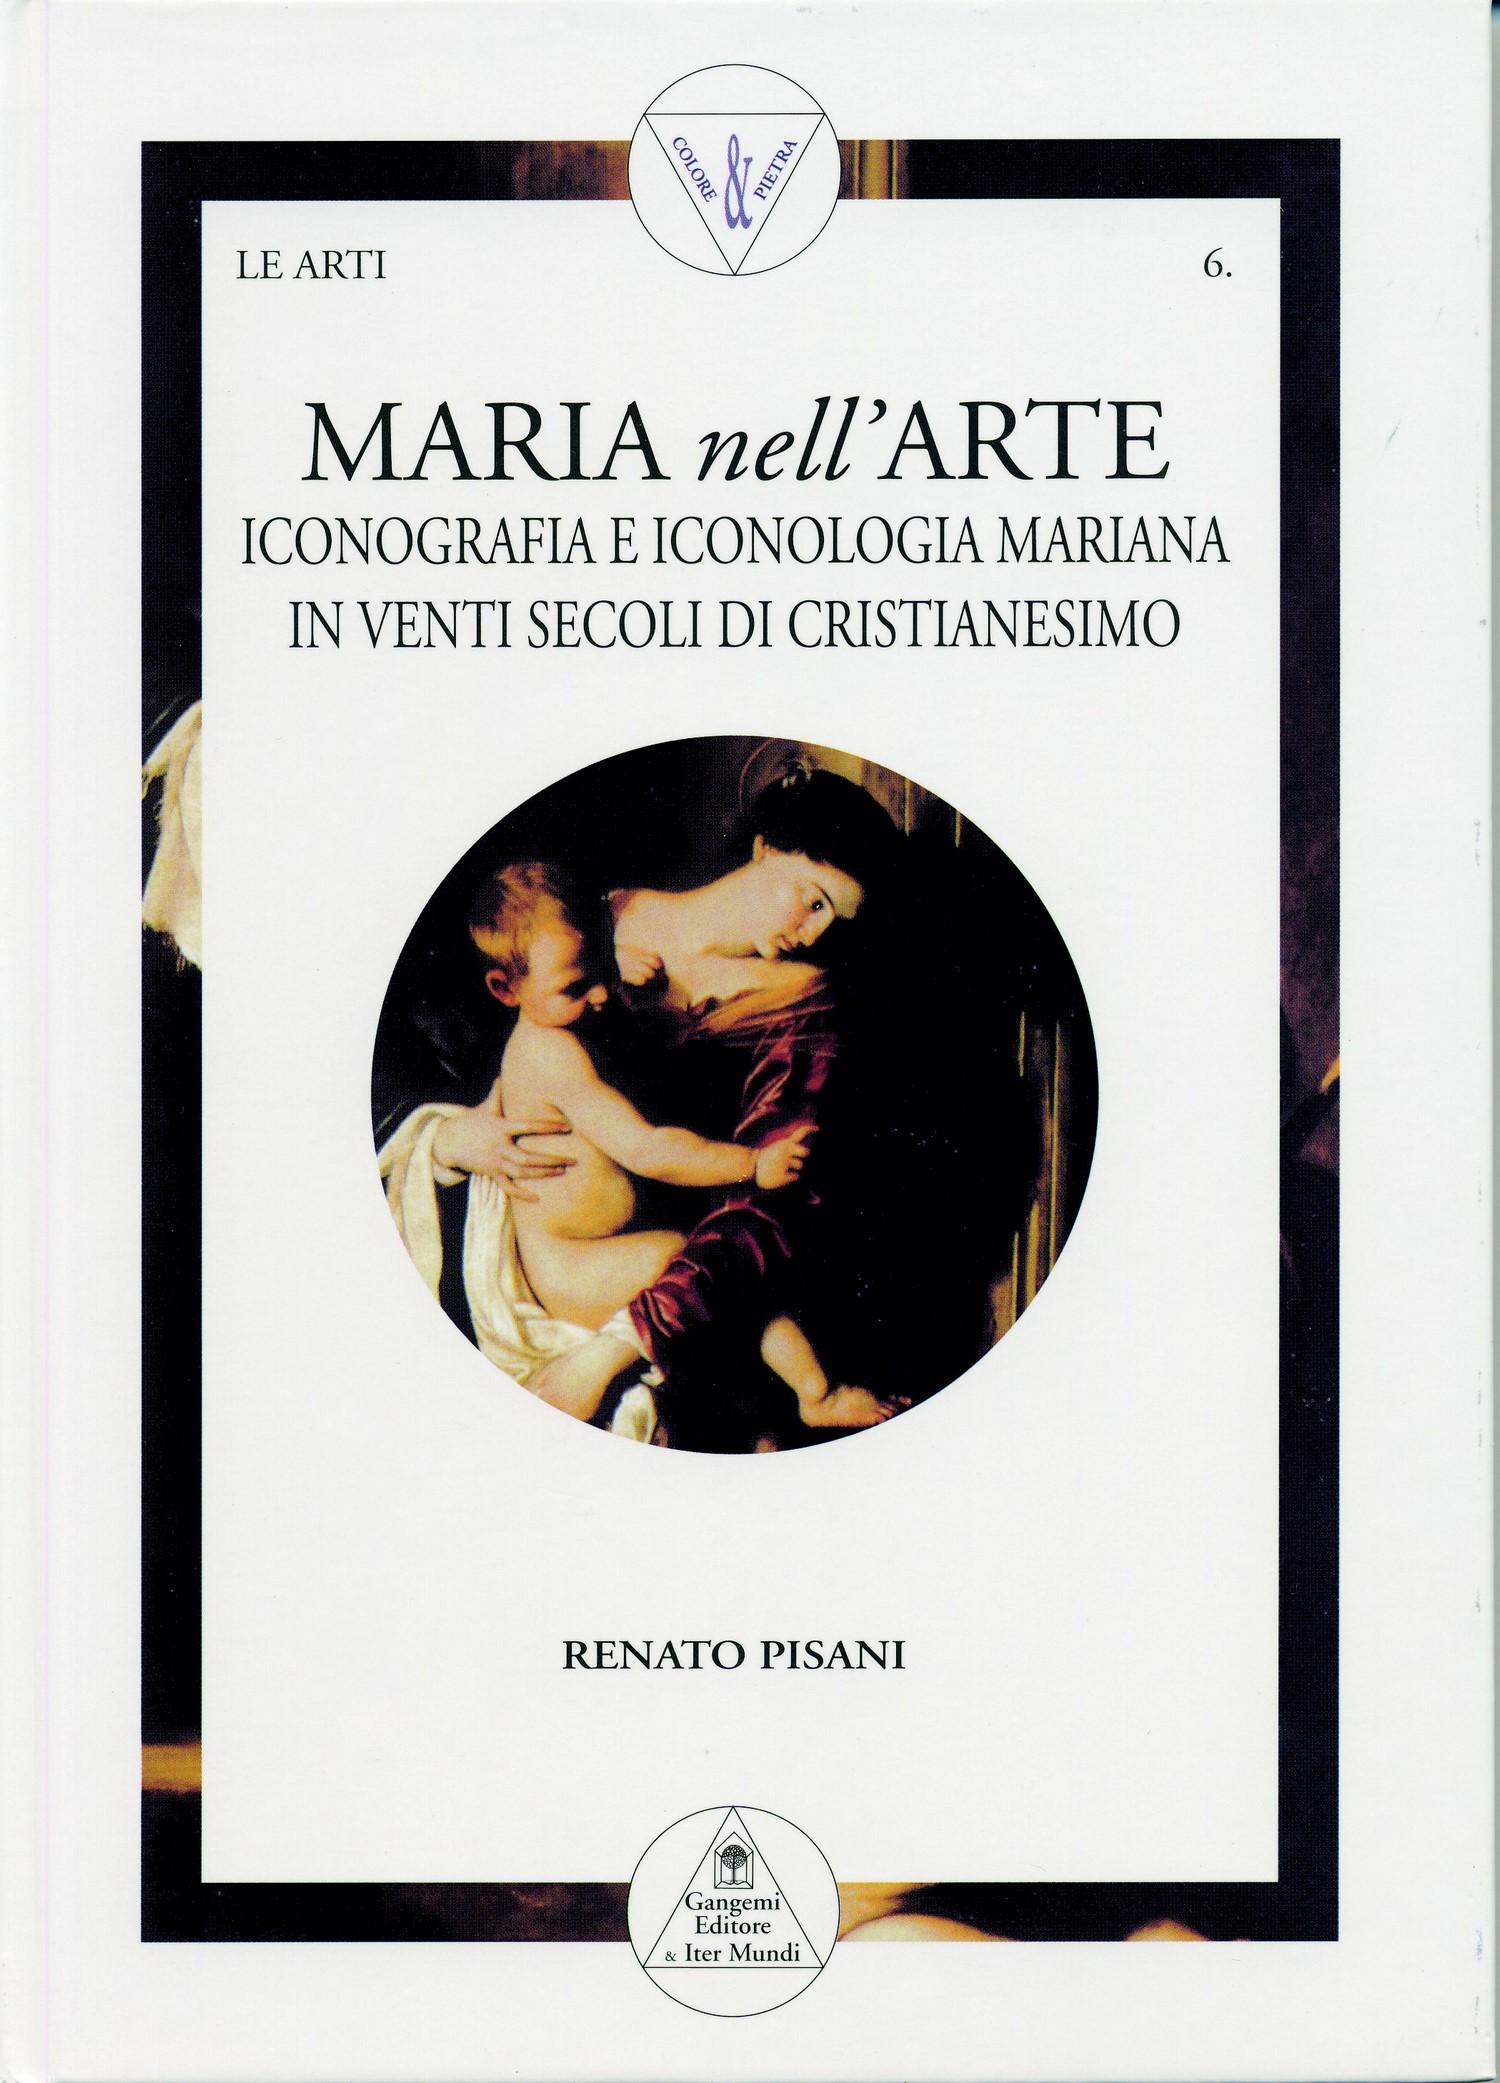 Maria nell'arte : iconografia e iconologia mariana in venti secoli di cristianesimo